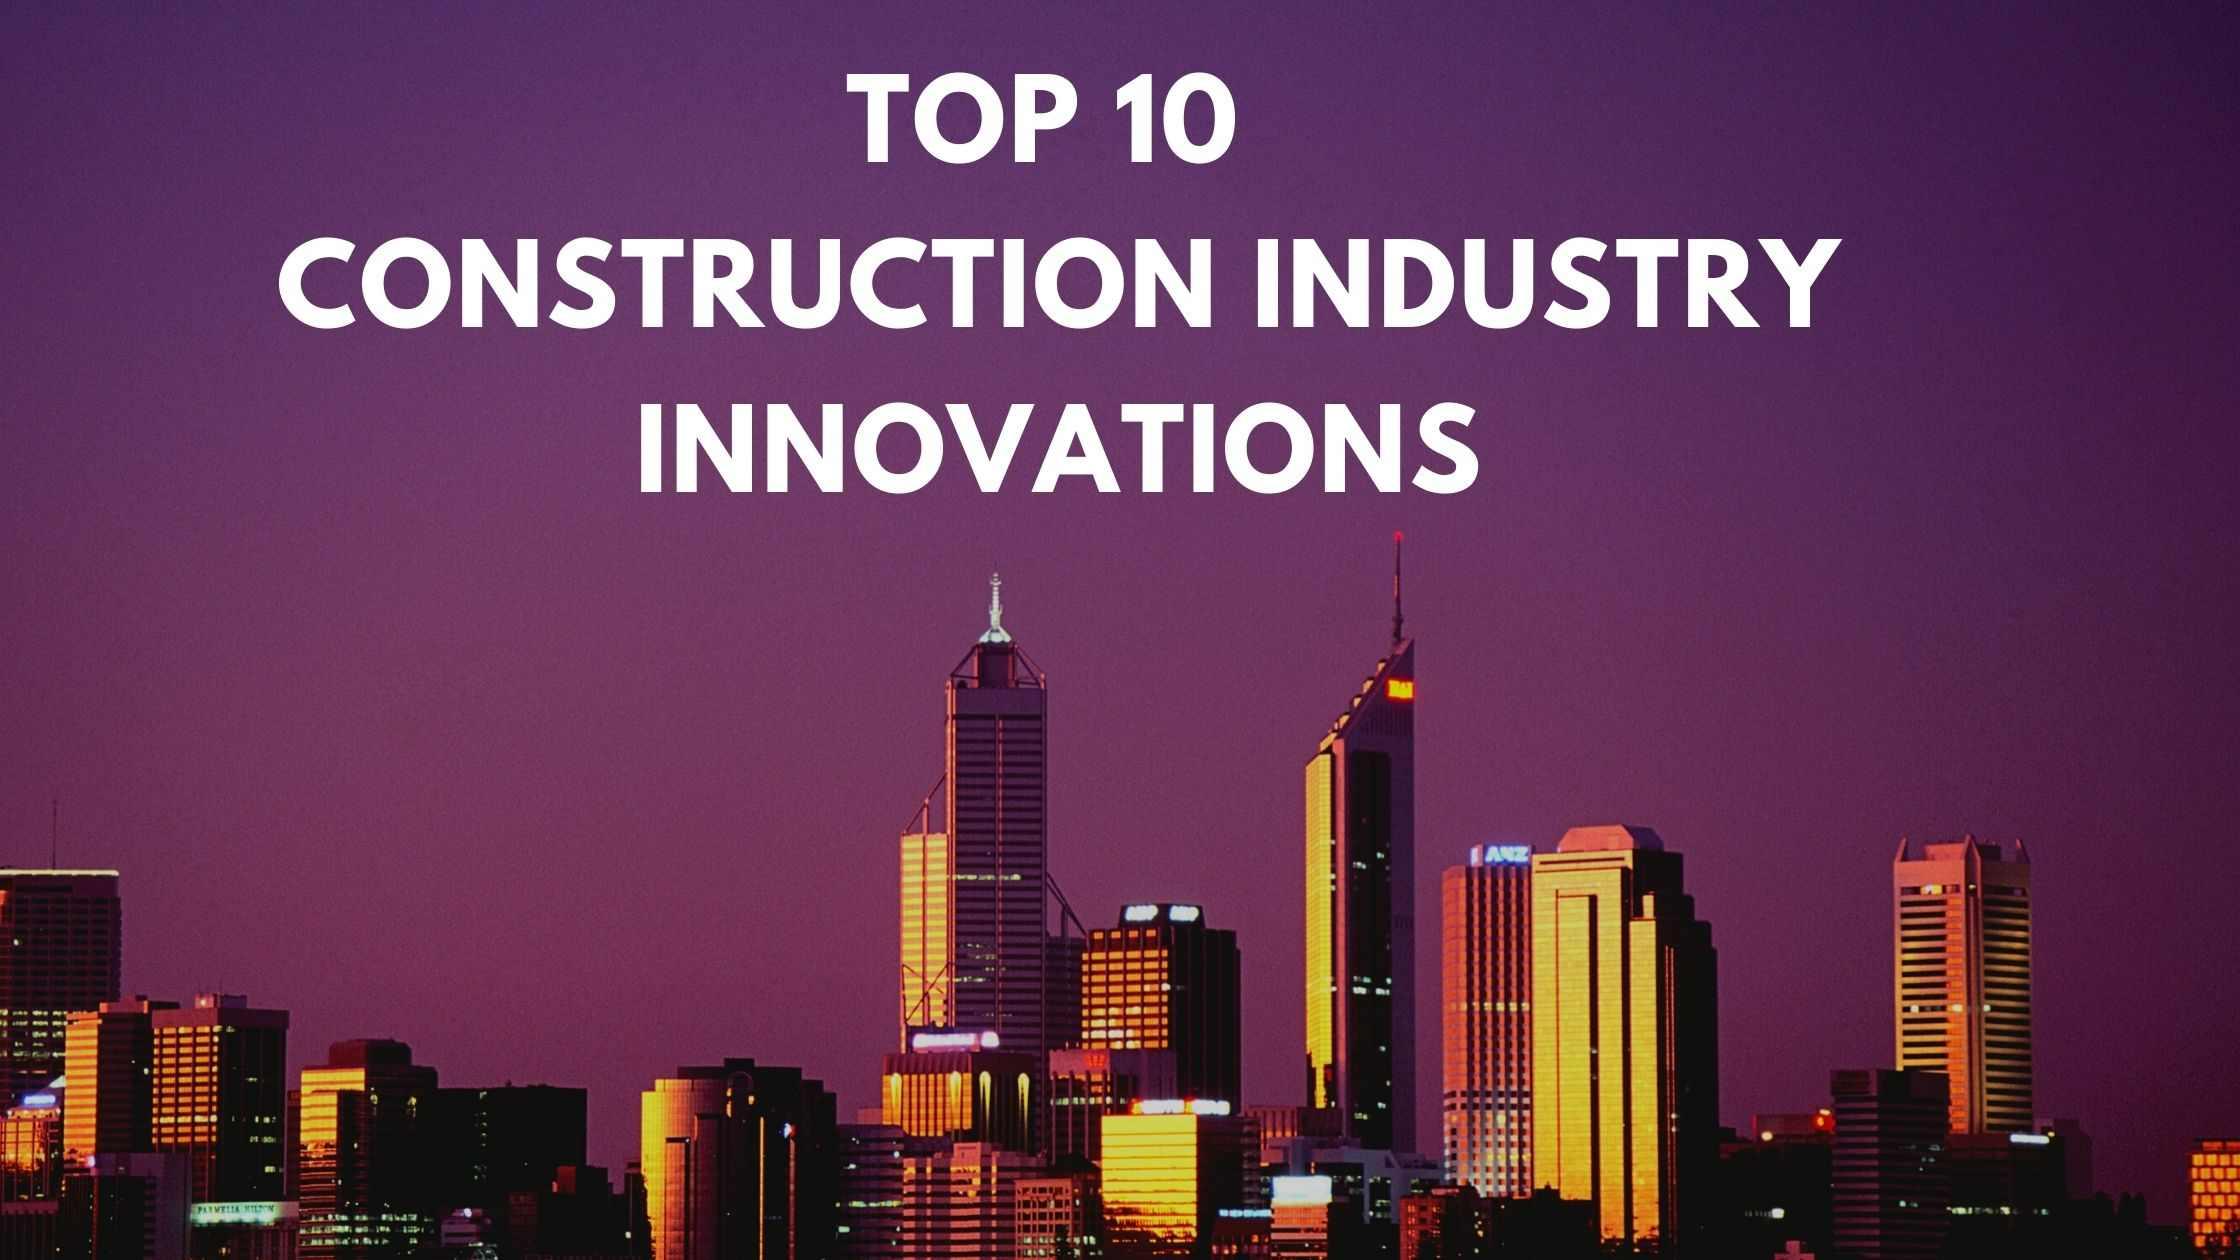 Construction Industry innovations